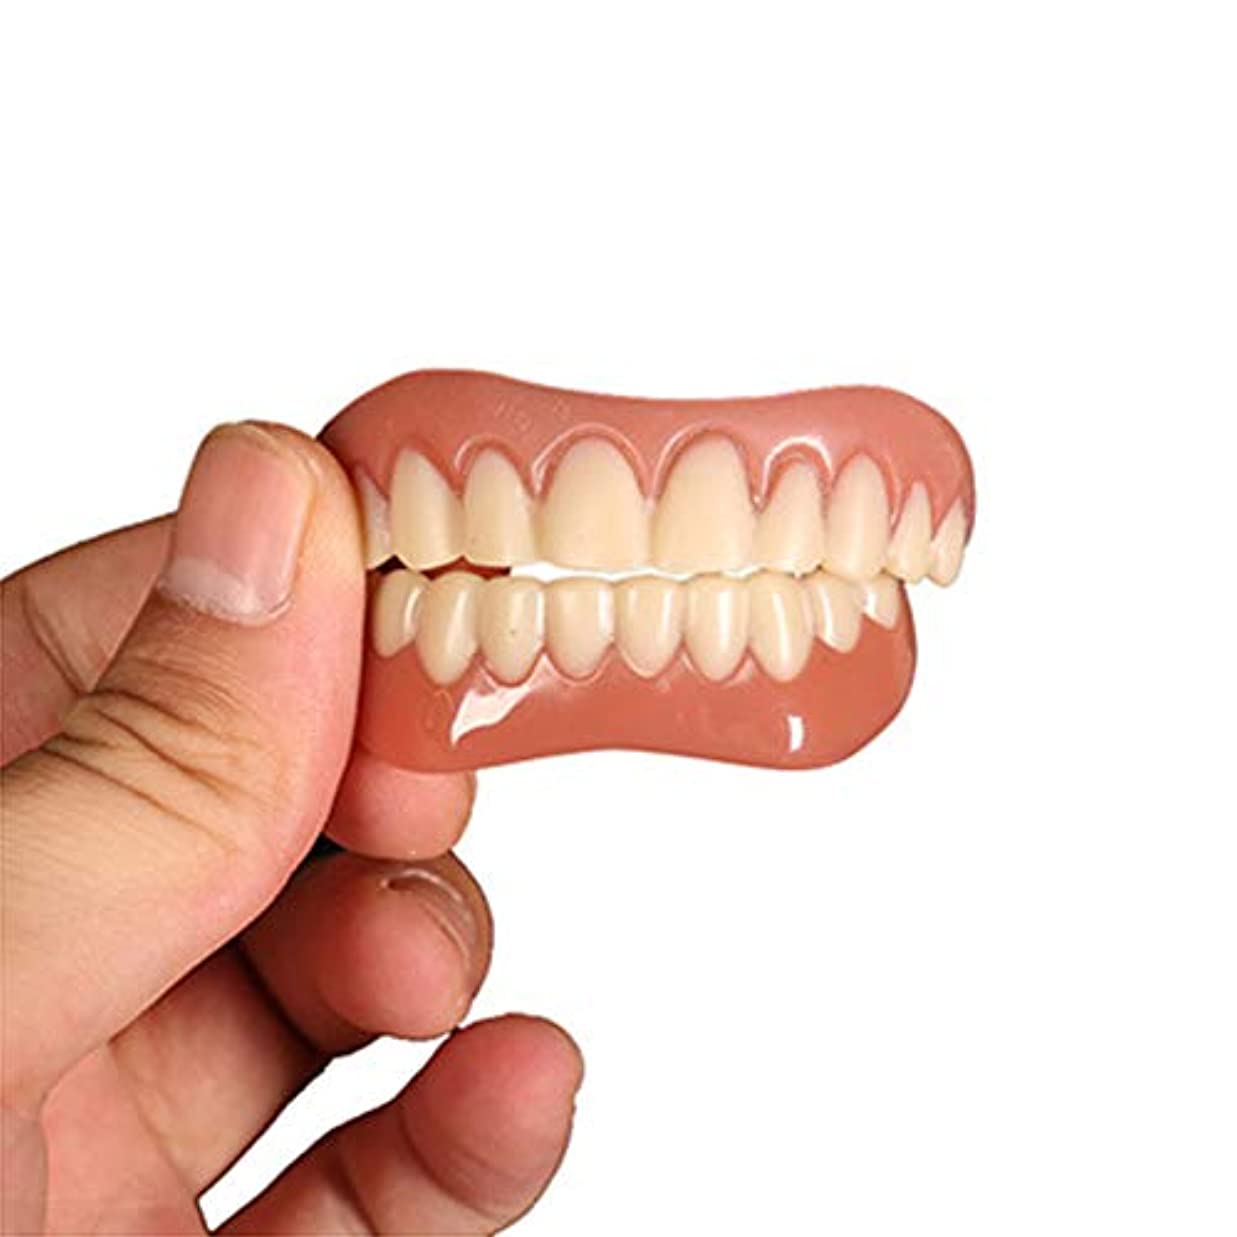 割り当て染色公使館6セット、化粧品の歯、白い歯をきれいにするための快適さにフィットするフレックス歯のソケット、化粧品の歯義歯の歯のトップ化粧品、